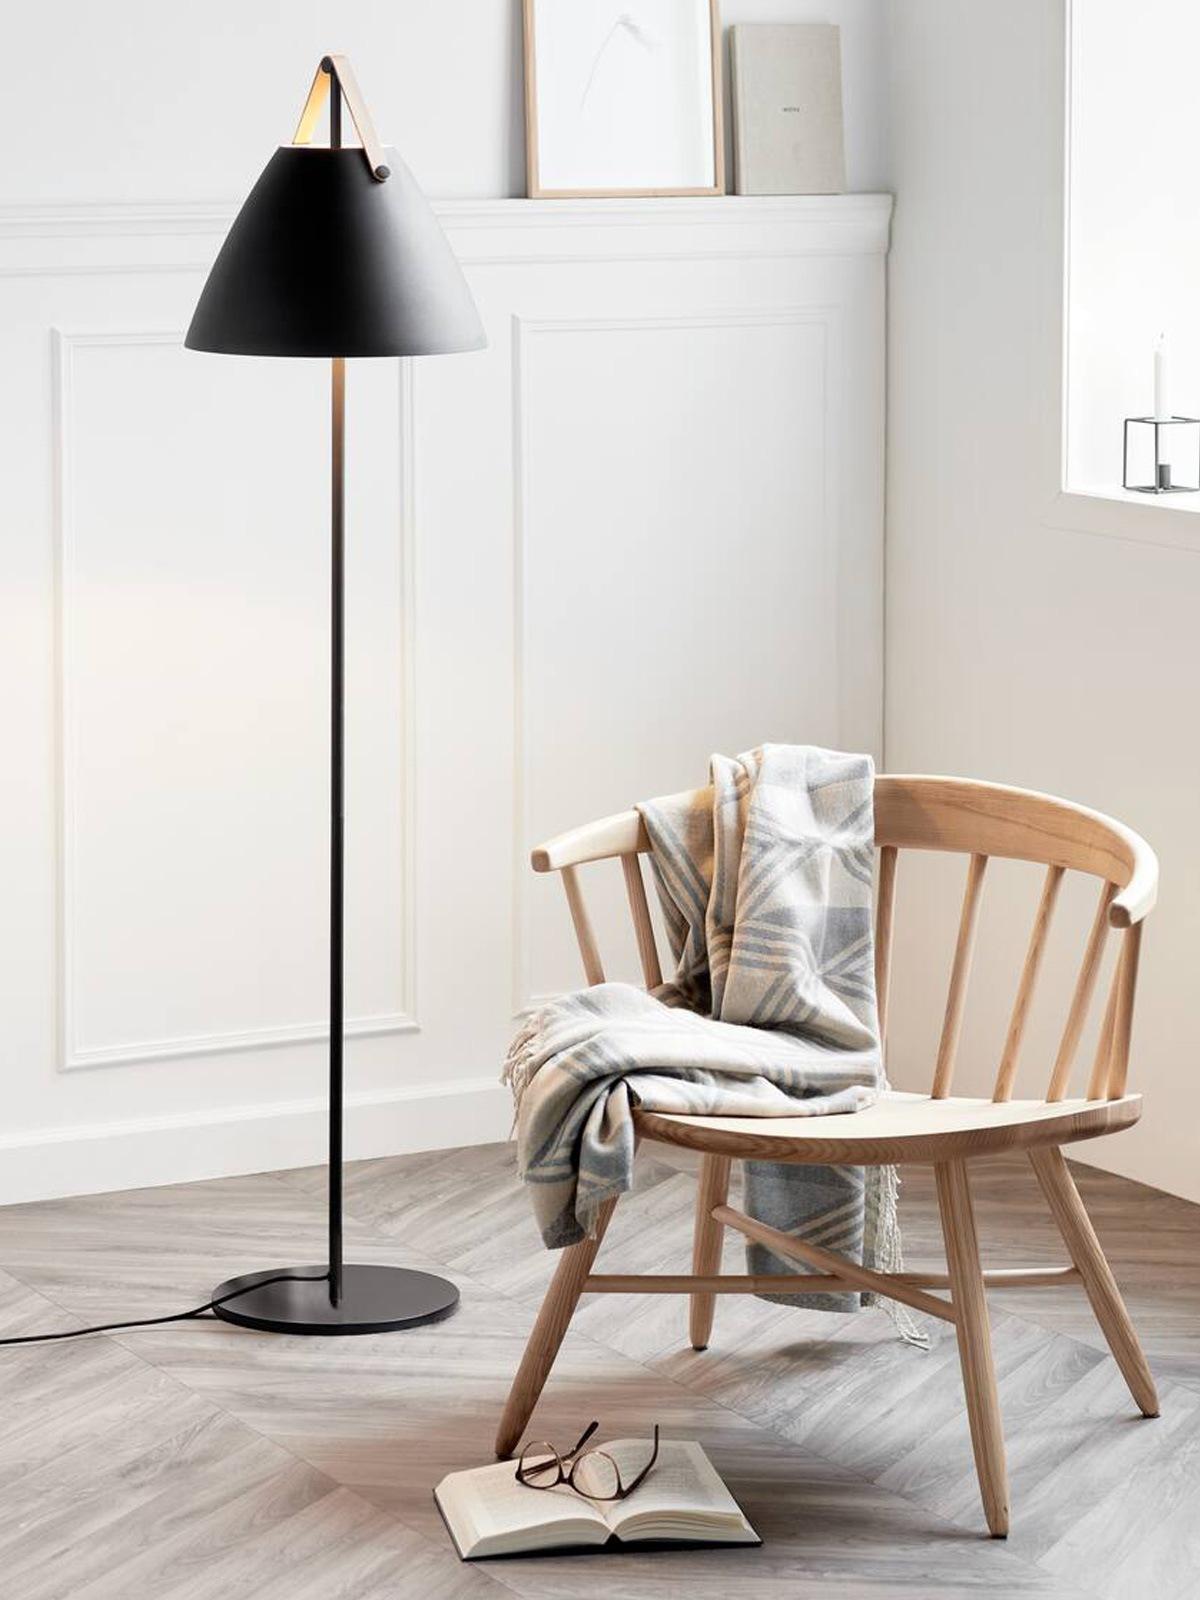 DesignOrt Lampenblog: Strap Floor Stehleuchte aus großer Leuchtenserie Design for the People by Nordlux